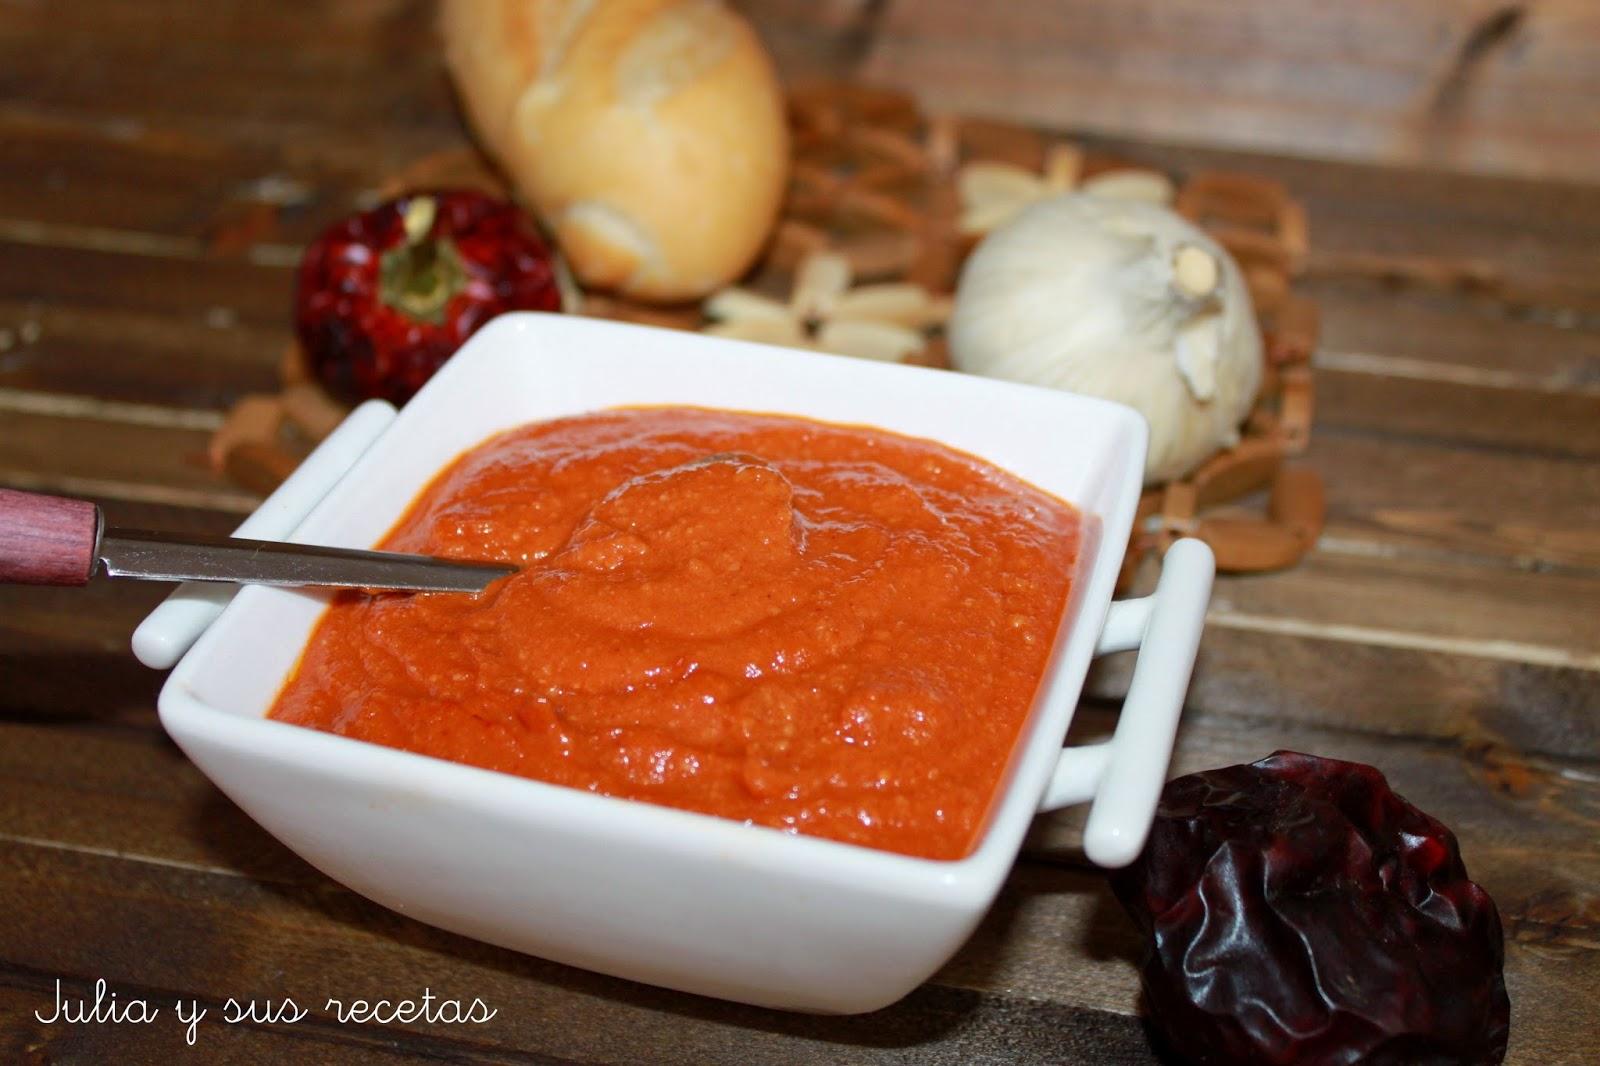 Salsa romesco. Julia y sus recetas